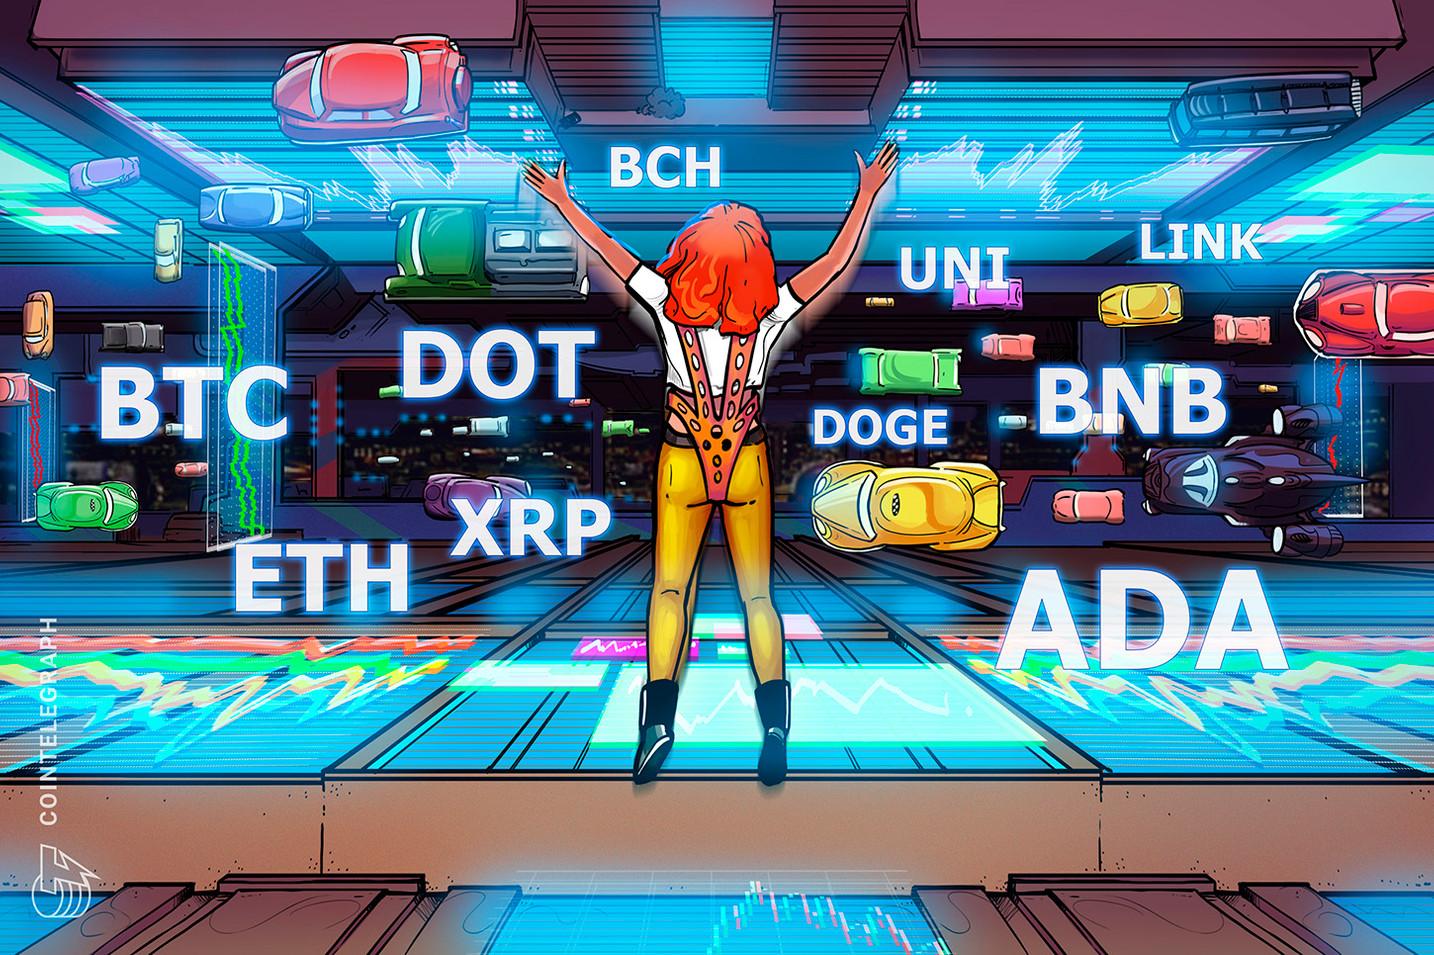 Cenová analýza 8/2: BTC, ETH, BNB, ADA, XRP, DOGE, DOT, UNI, BCH, LINK